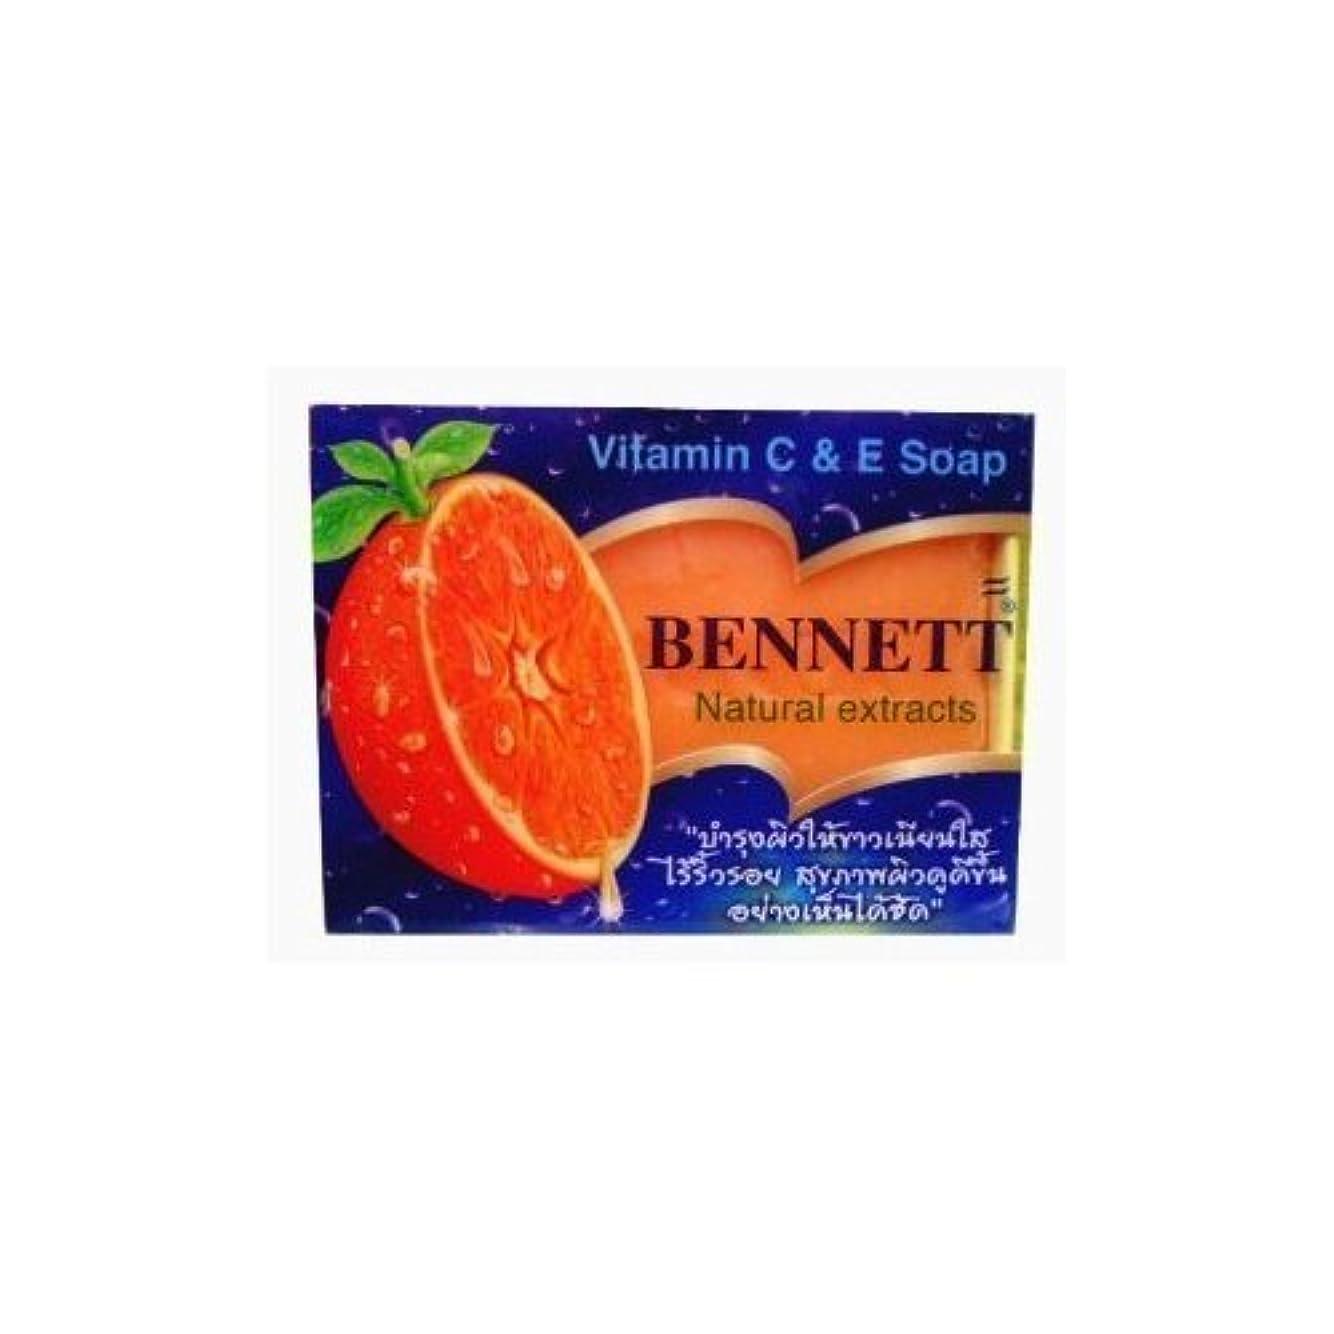 疫病好色なロケーションHigh Vitamin Fruit Extract Body and Face Bar Spa Soap 4.59 0z, Enriched Vitamin C & E Skin Smooth & Anti Acne...